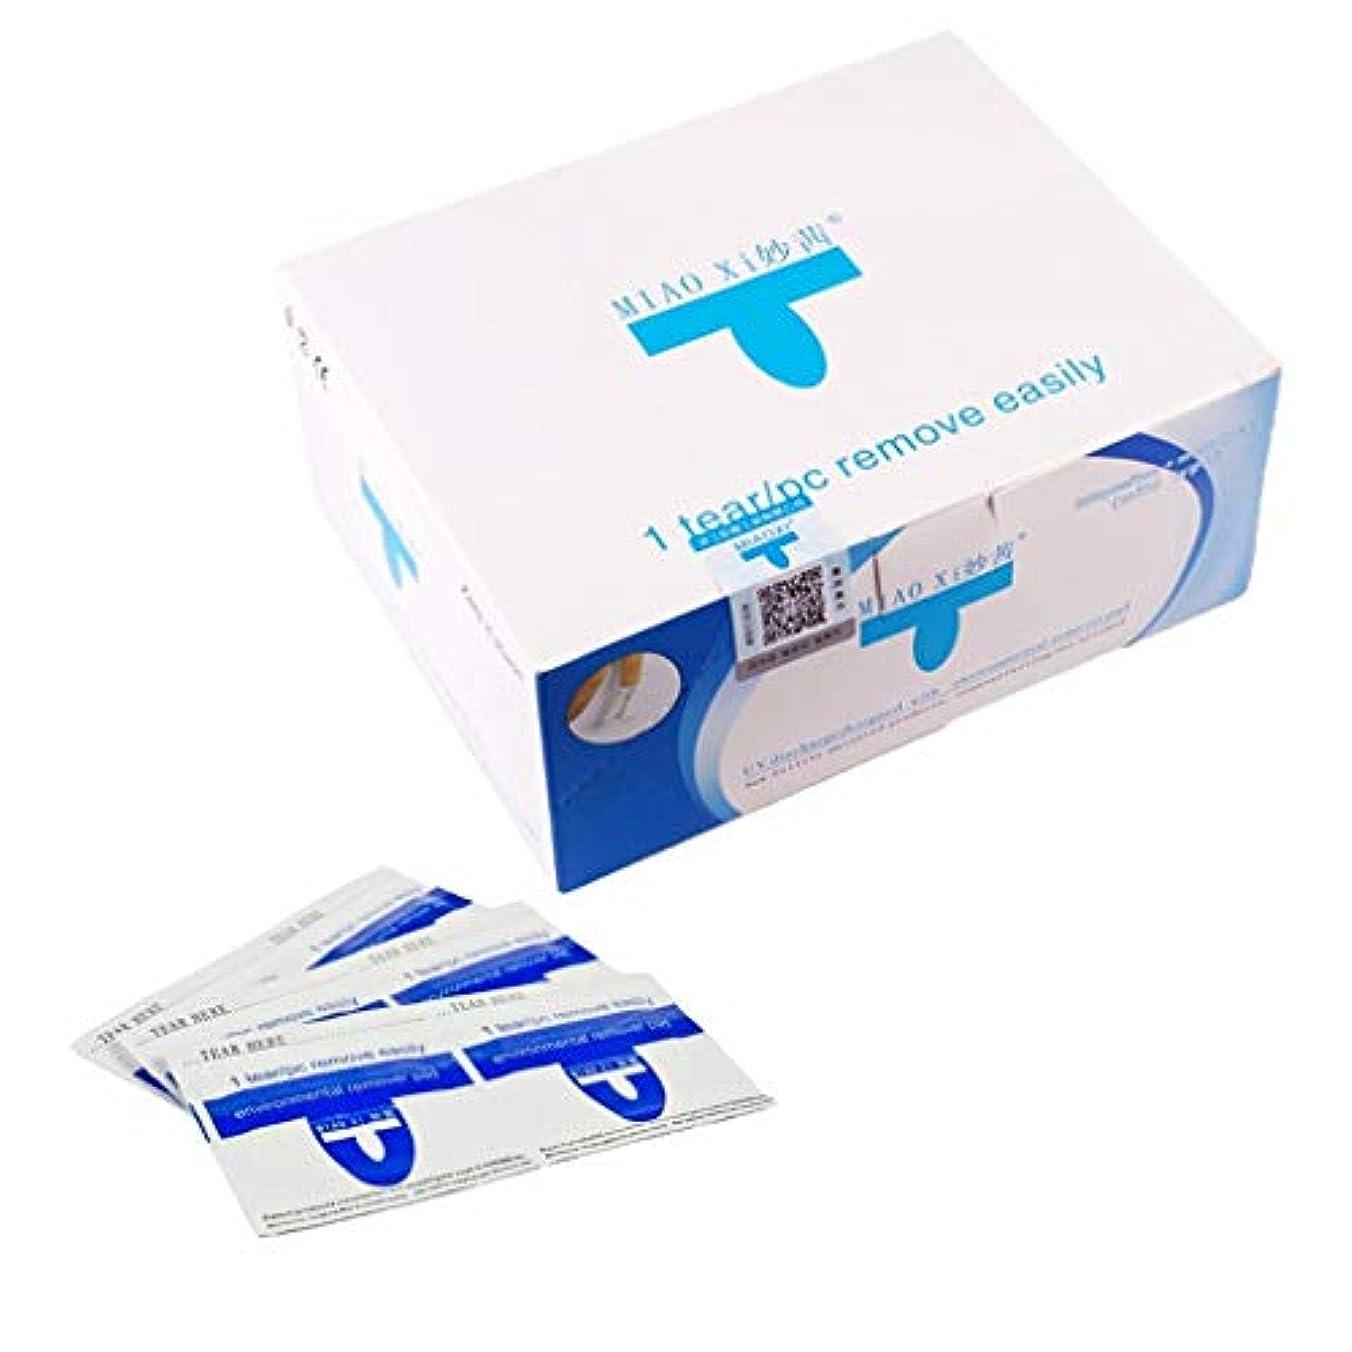 うがい薬展開する廃止するネイルオフ アセトン ジェルネイルリムーバー ソークオフ 使い捨て マニキュア用品 200枚